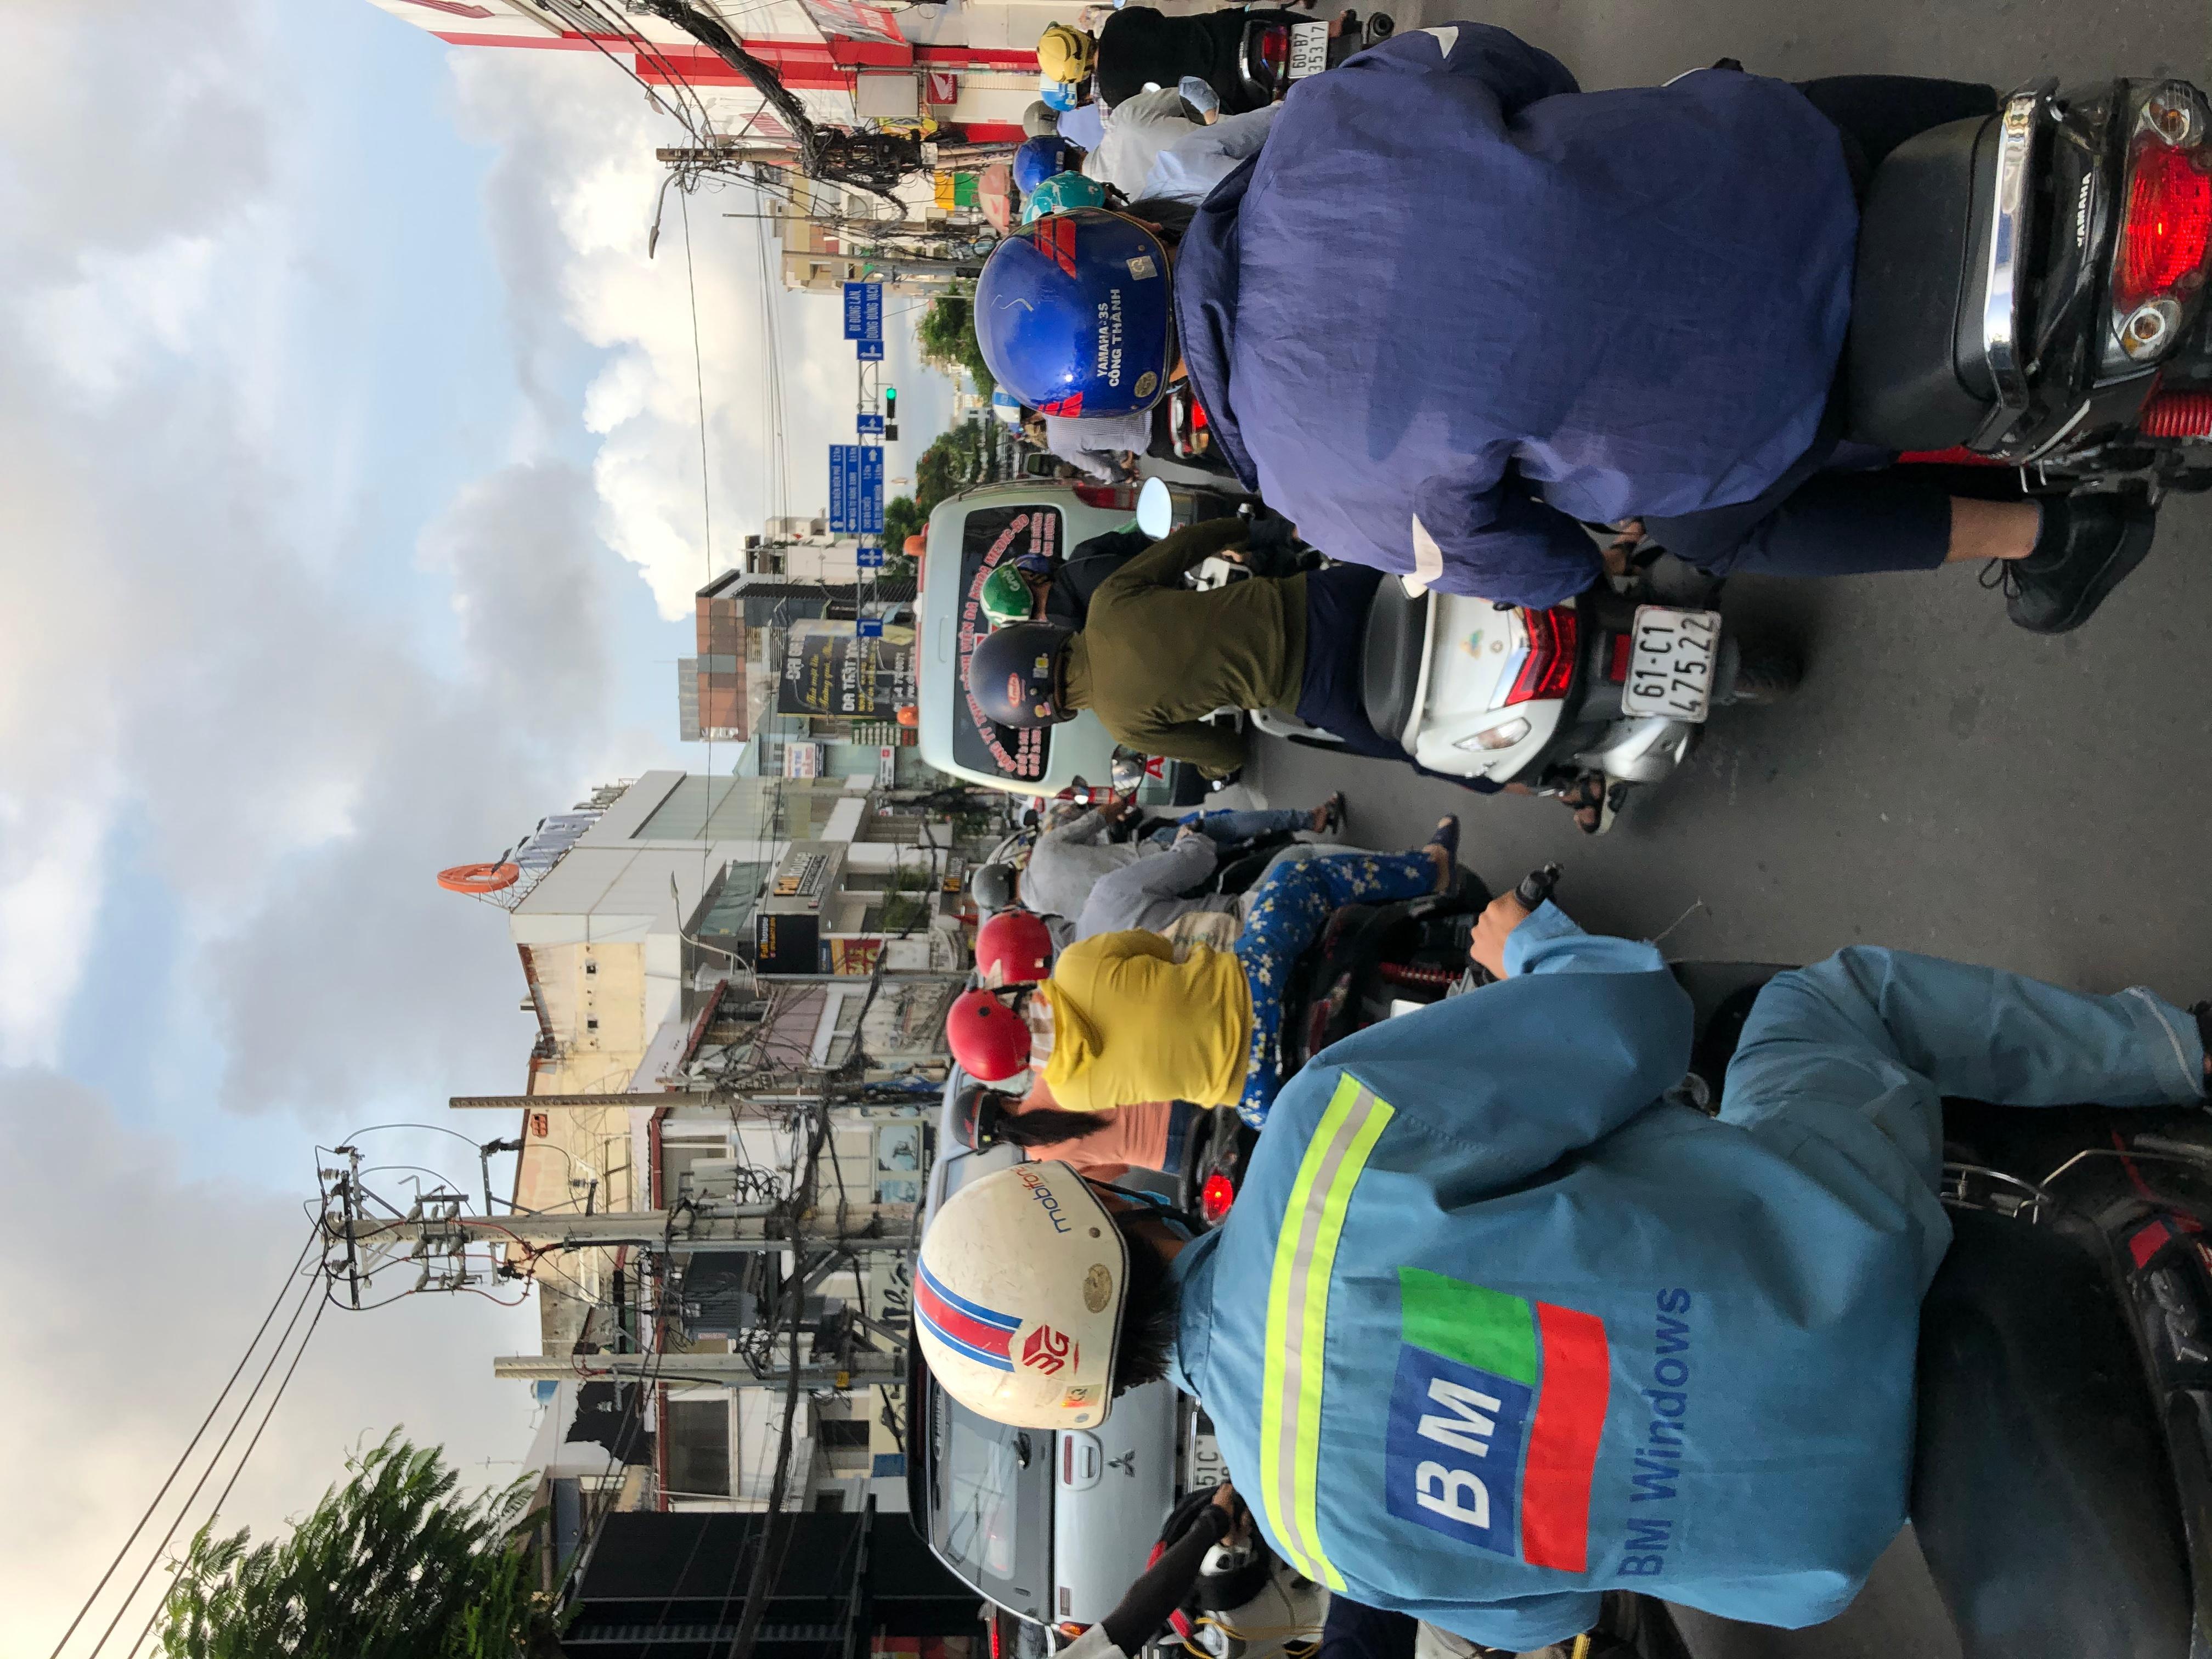 Sài Gòn kẹt xe trở lại Ảnh 7